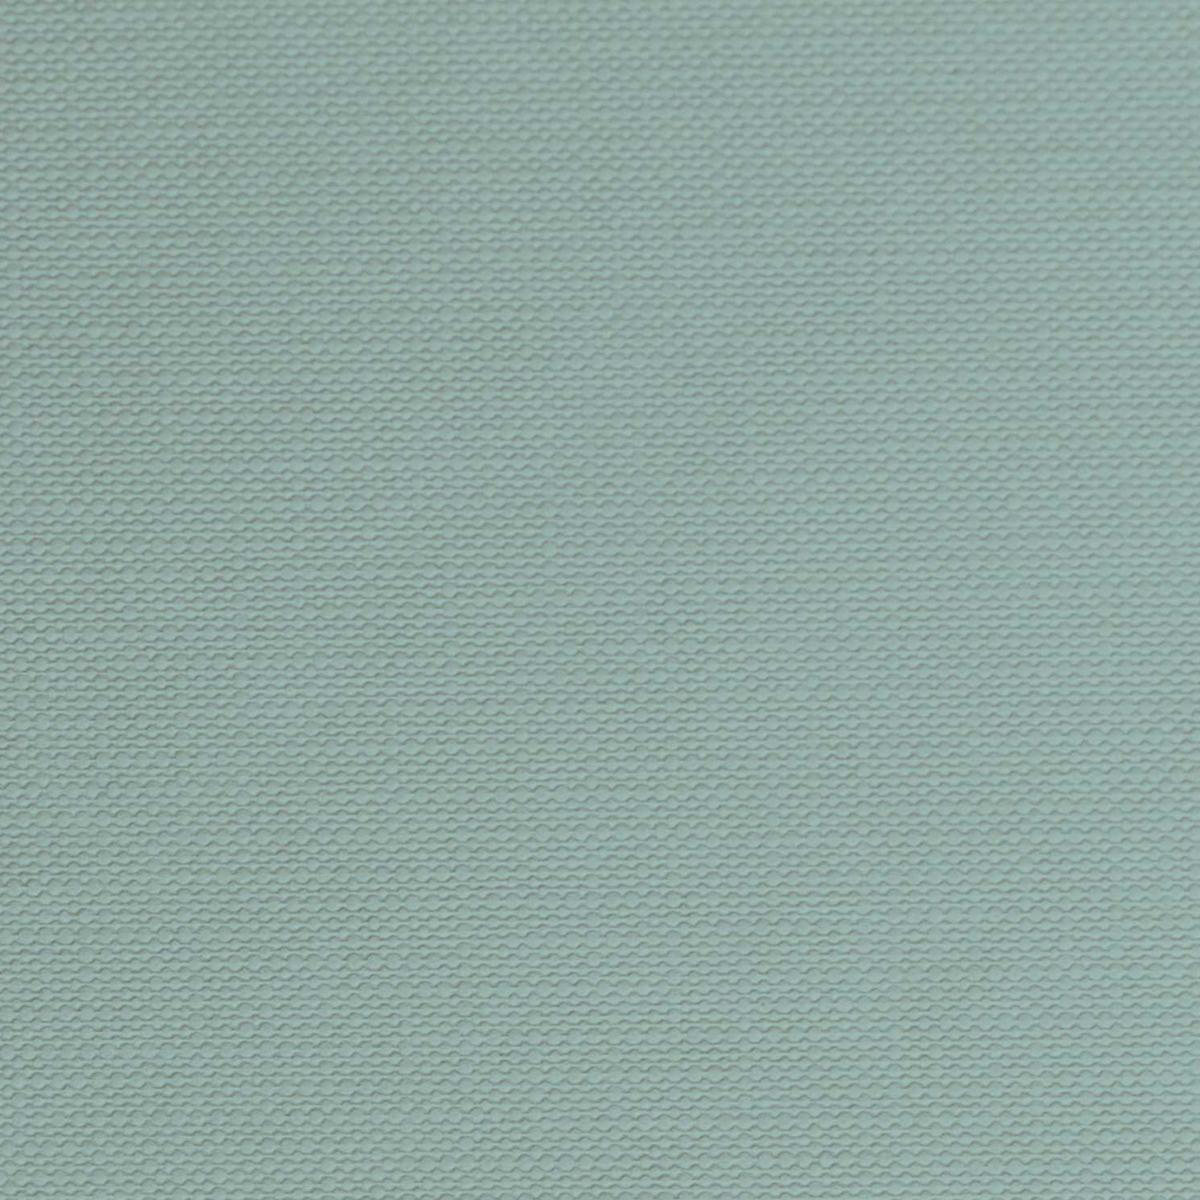 Estate Linen Sky Fabric